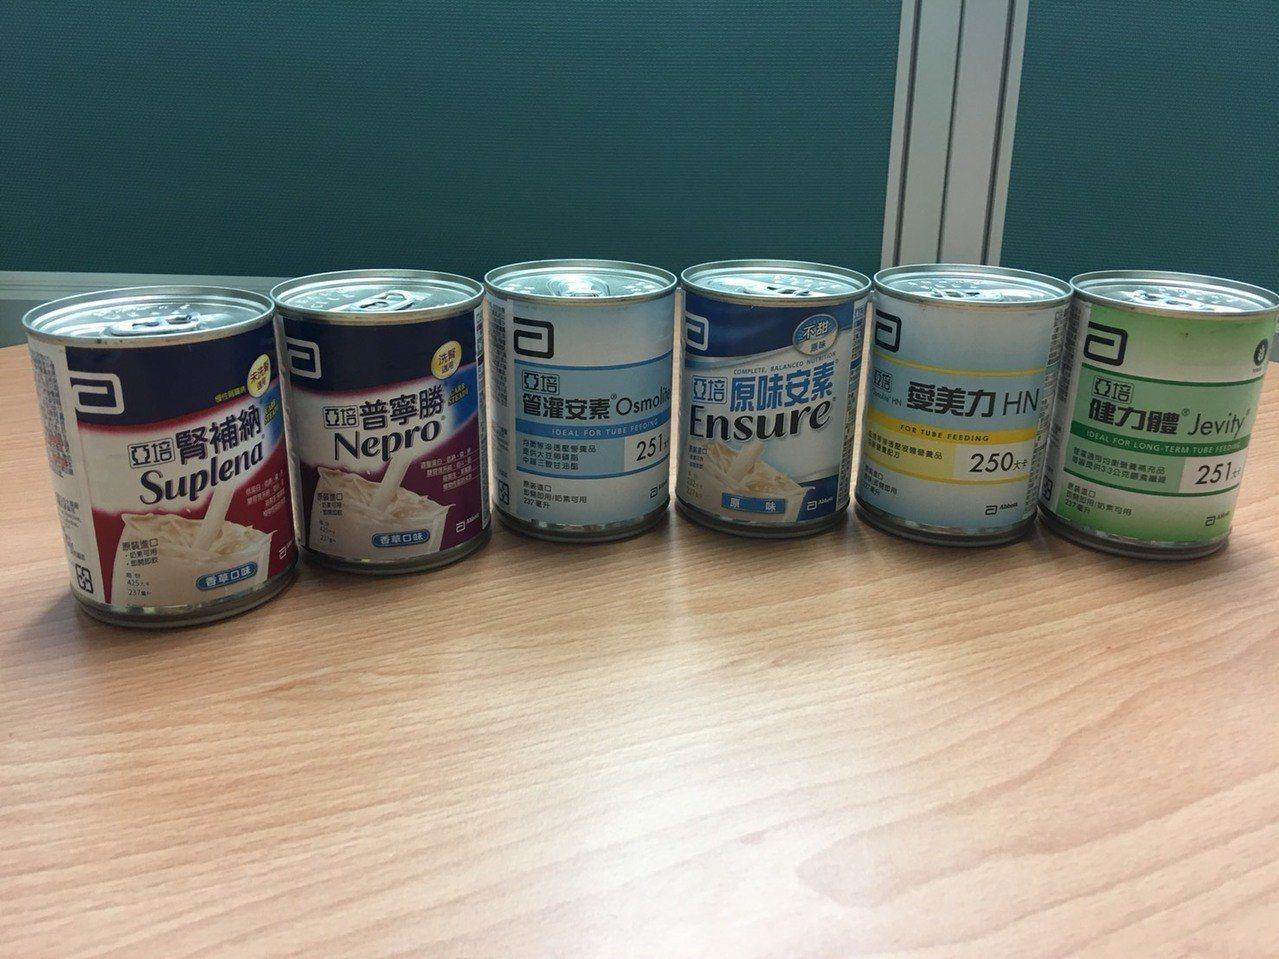 北市衛生局要求亞培針對圖中六款商品進行預防性下架。圖/台北市衛生局提供